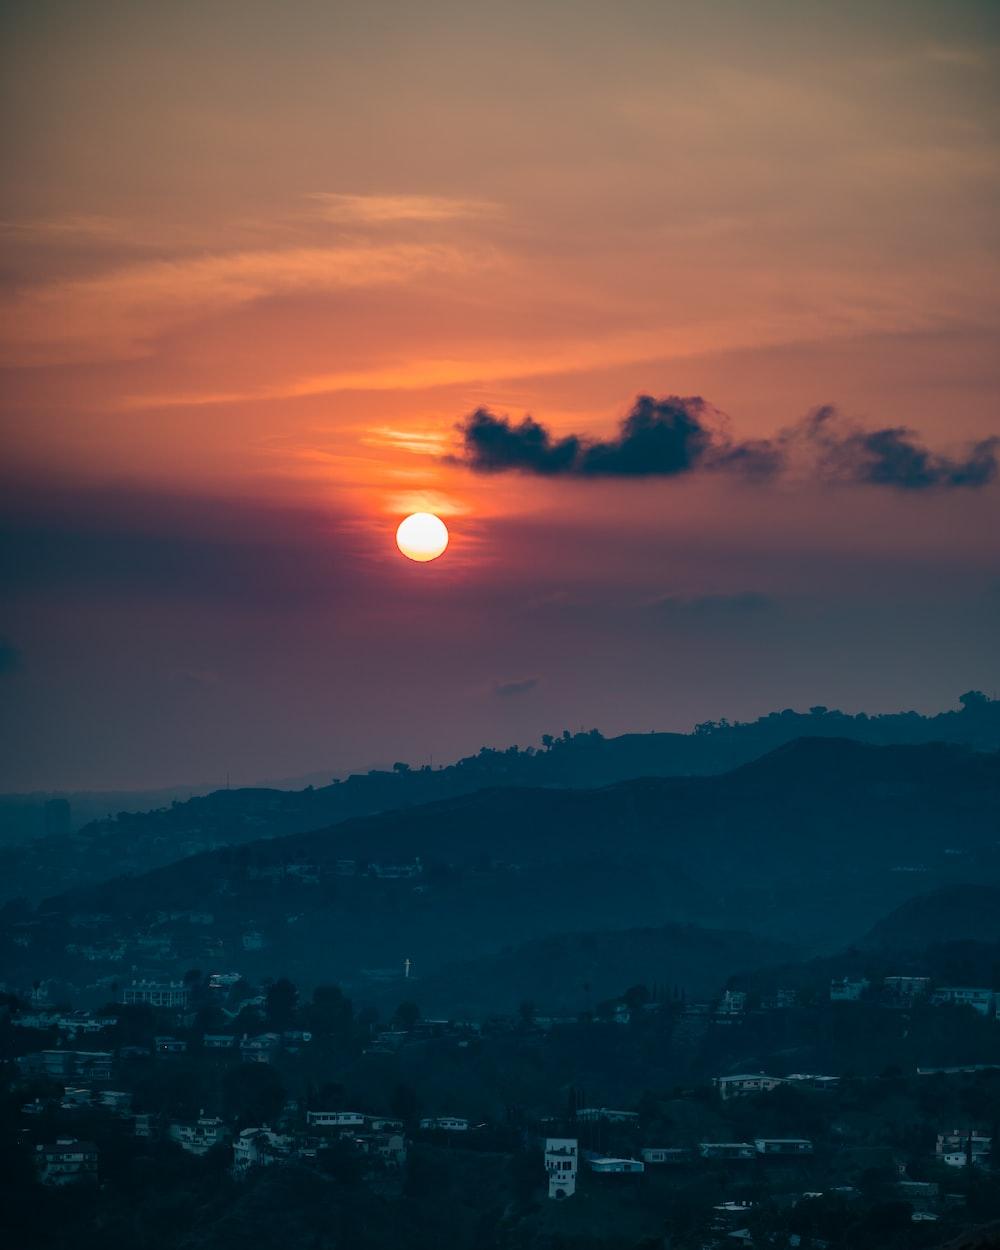 city under sunrise